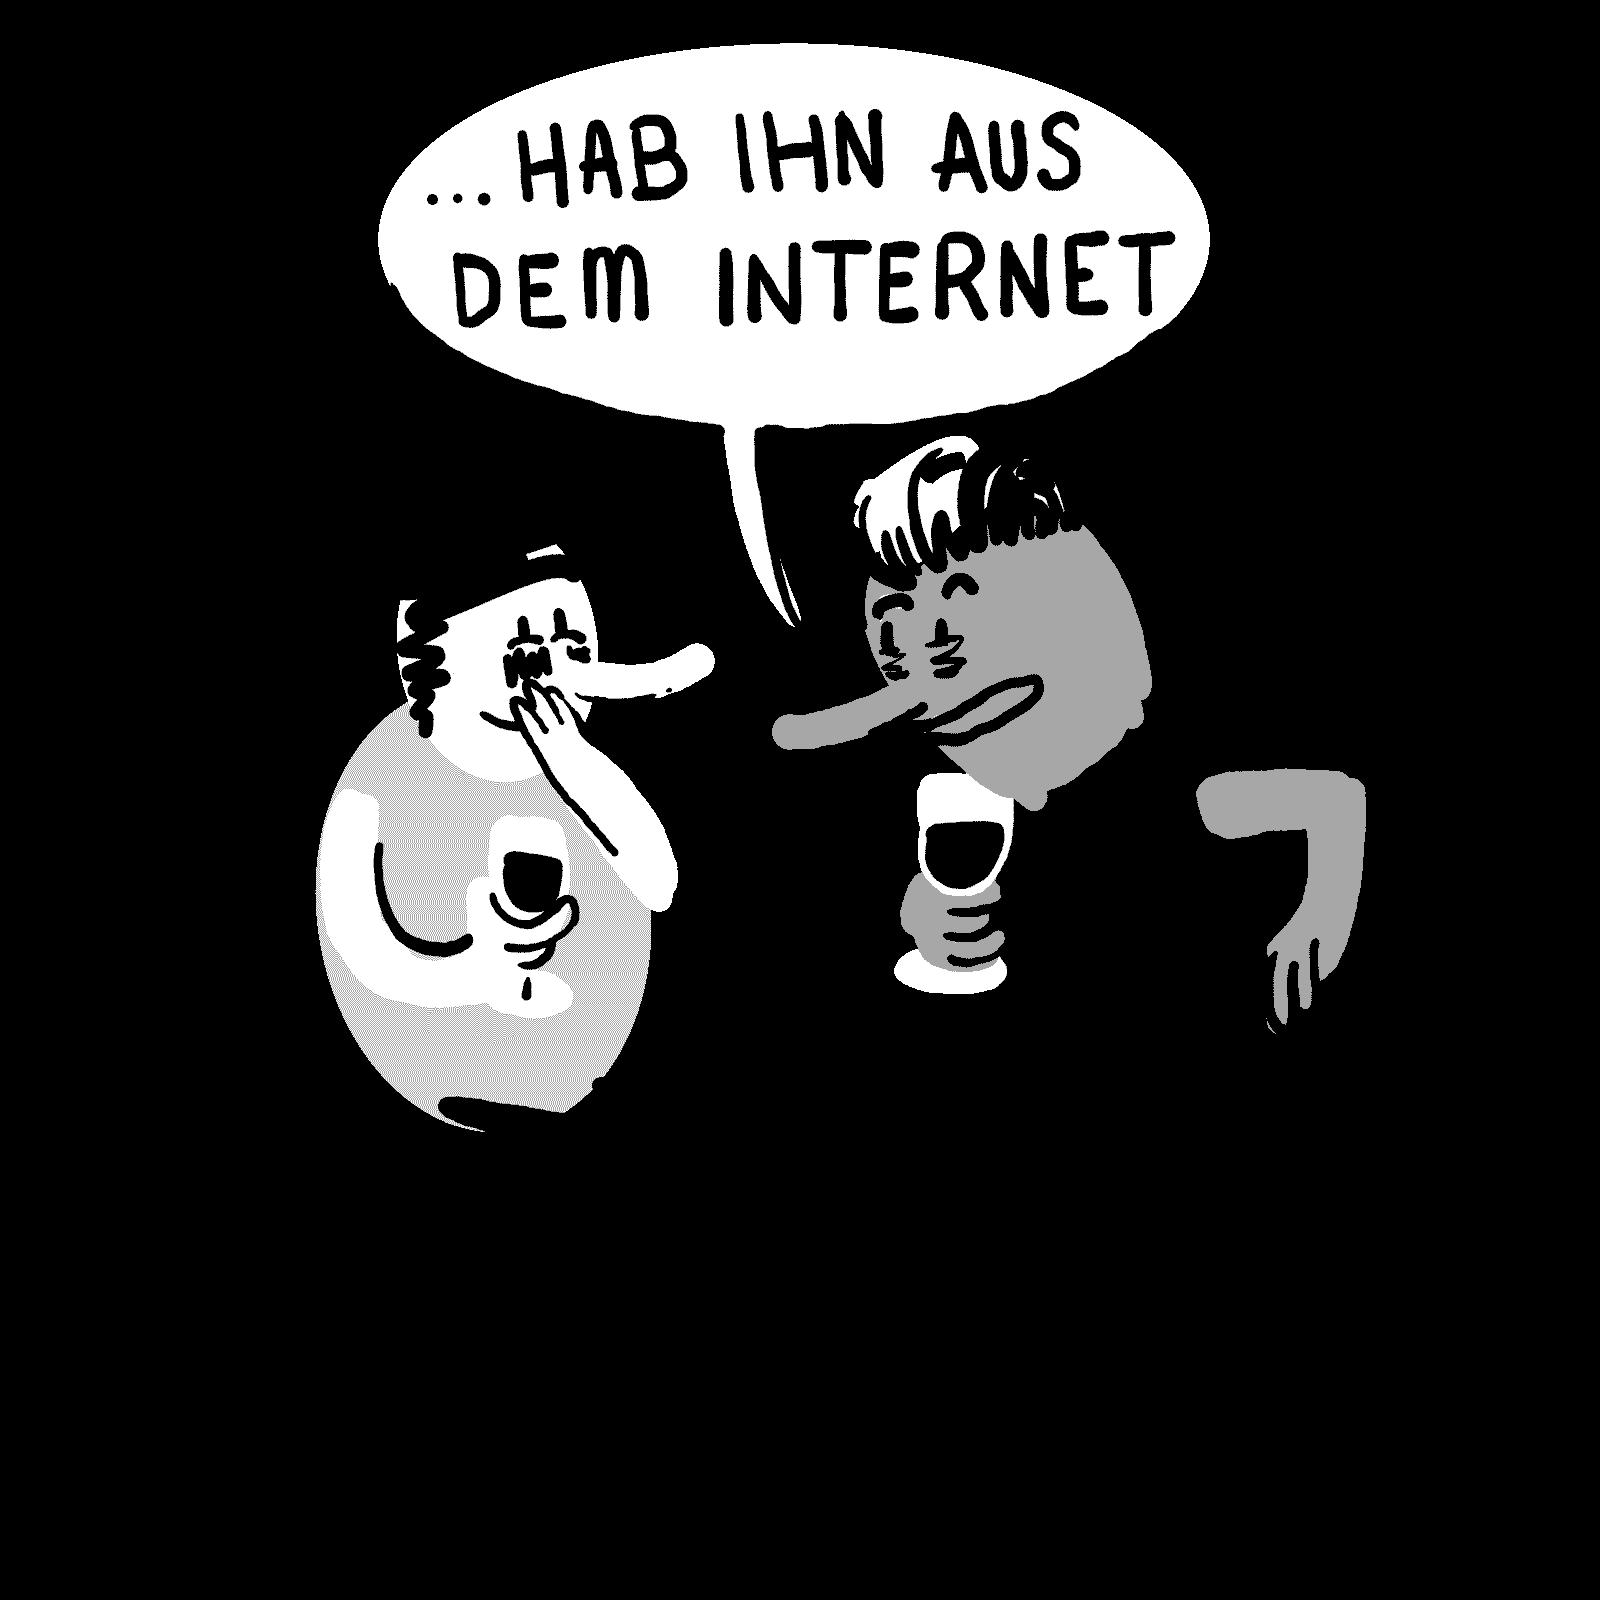 Er sagt: Hab ihn aus dem Internet ...